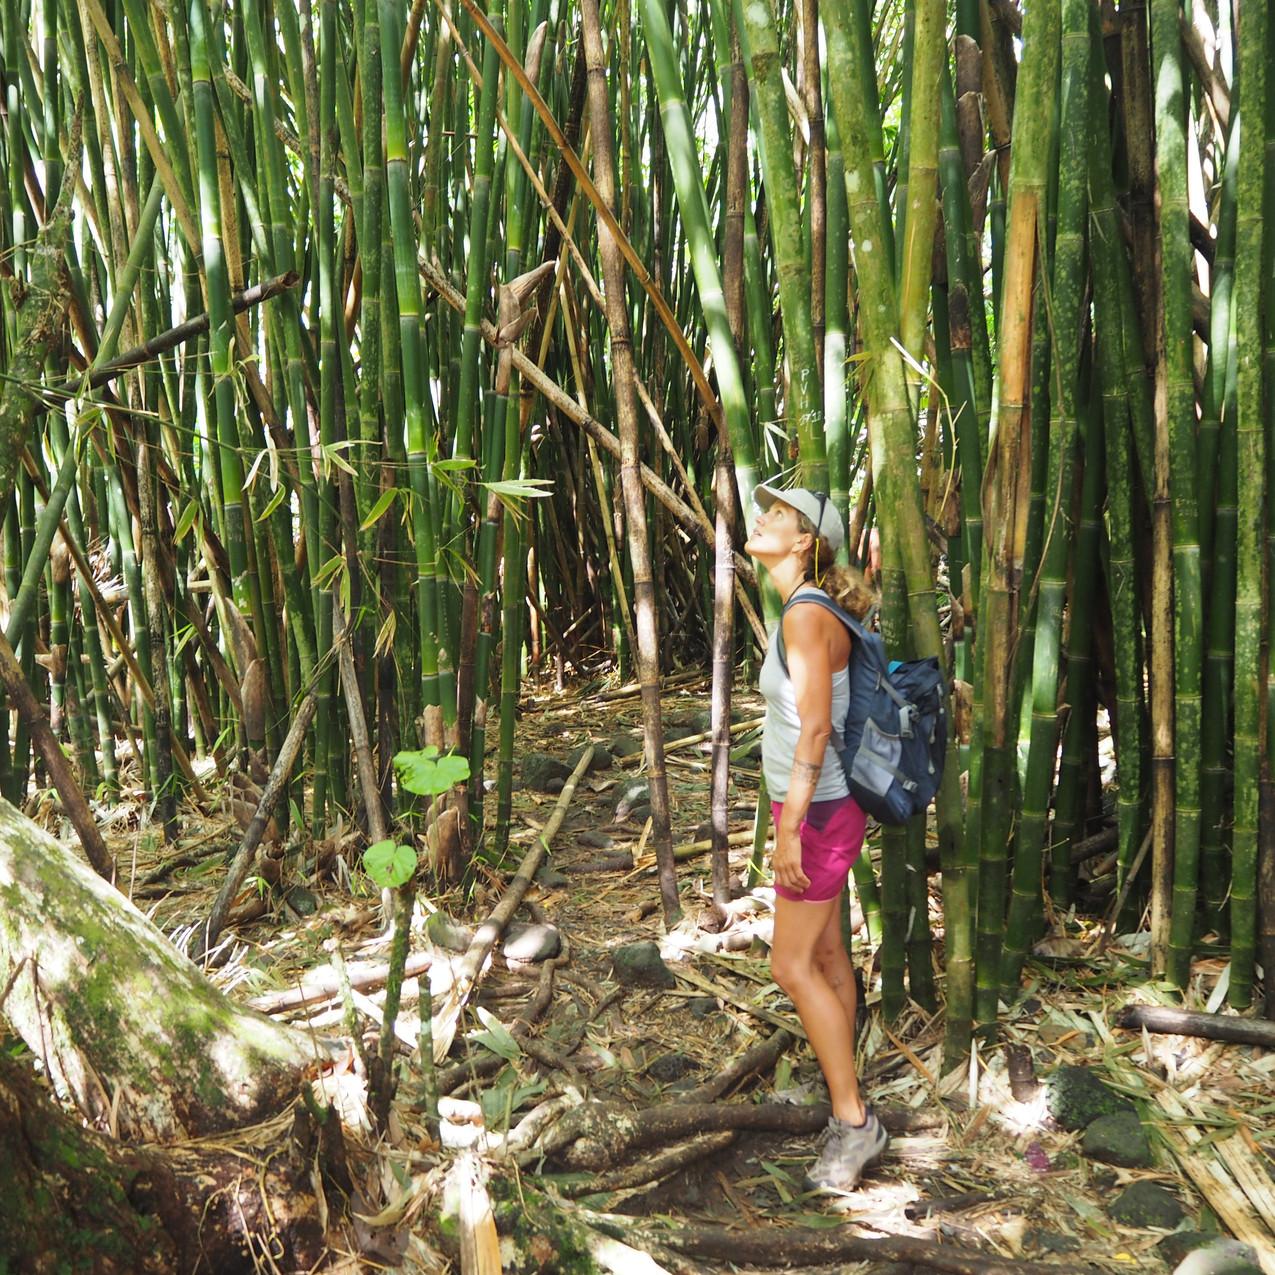 randonnée dans une forêt de bambous